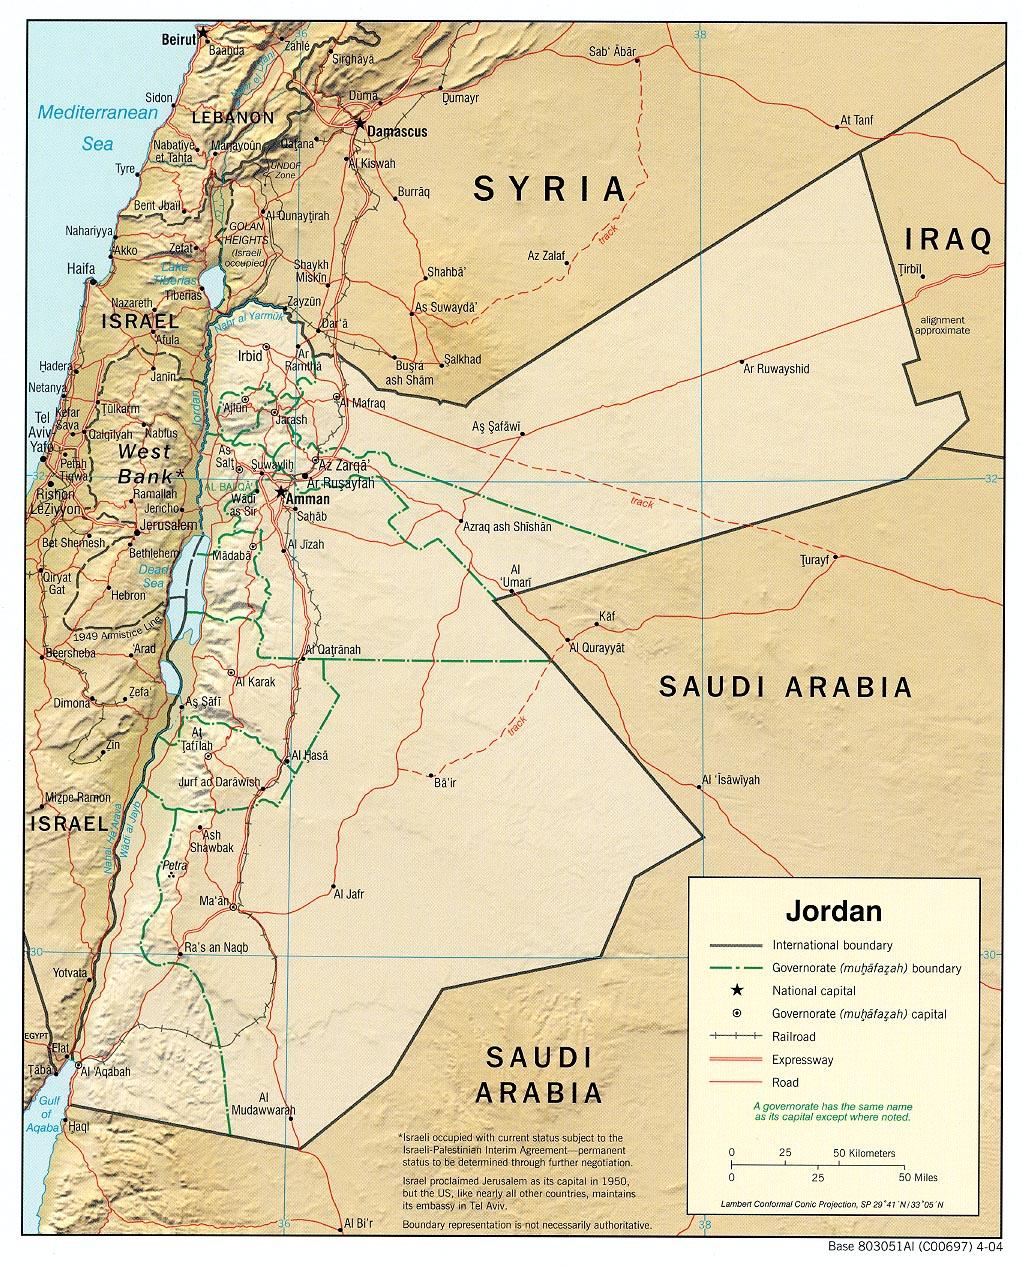 Maps of Jordan Jordan On The Map on jordan asia, jordan and israel map, north korea map, middle east map, liberia map, jordan religion map, jordan middle east, jordan river utah map, jordan capital on map, jordan river valley map, jordan location on world map, jordan river on map,